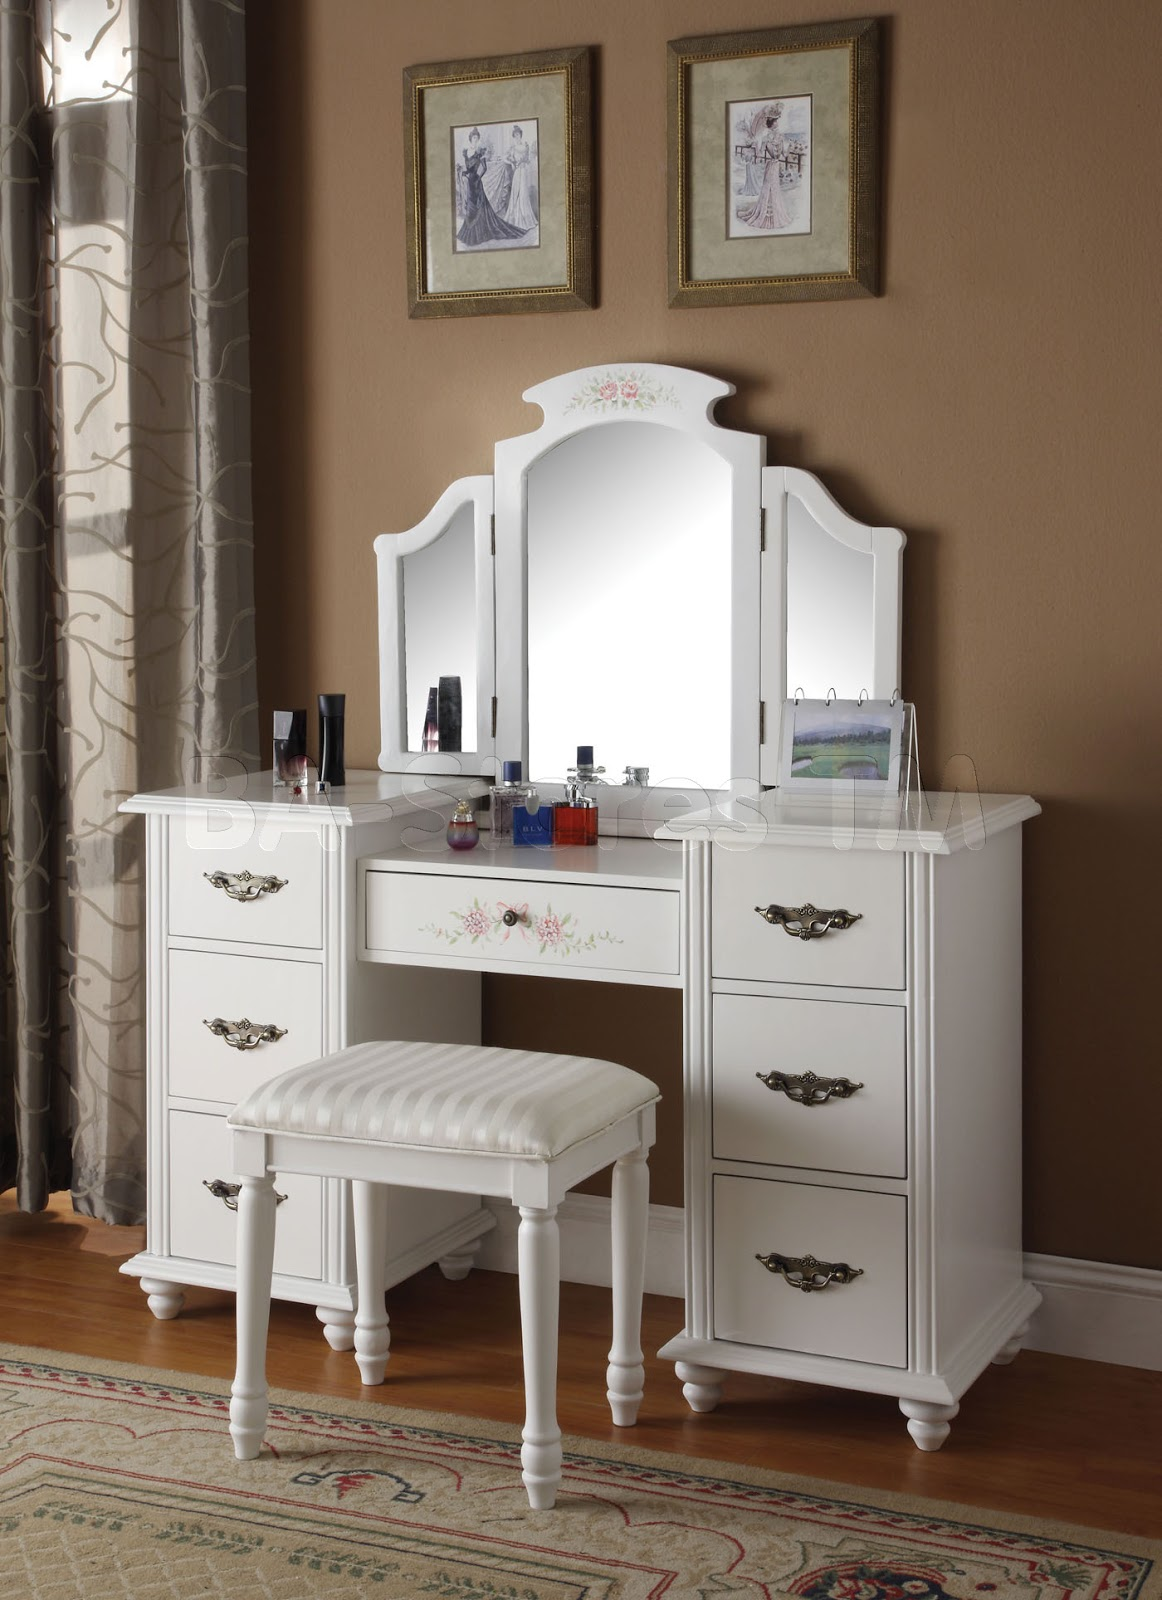 Bedroom Vanities: A new Female's Best Buddy | Dreams House ...